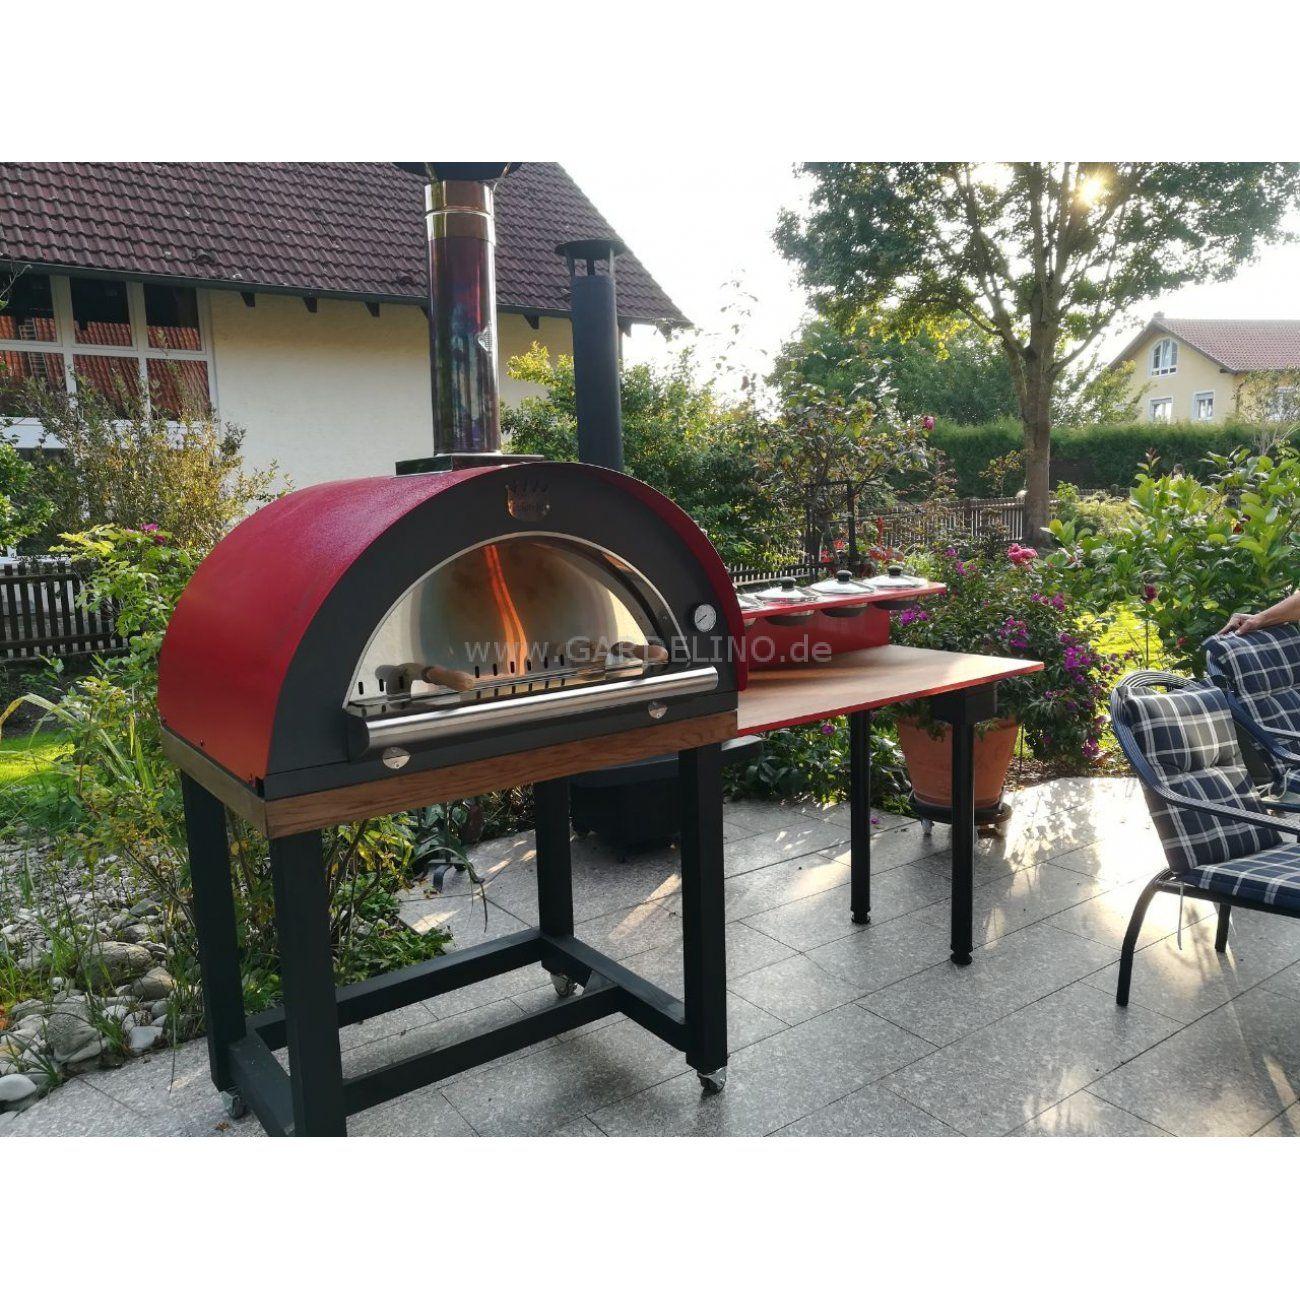 Direkt Befeuert Pizzaofen Family Von Clementi Mit Grosser Arbeitsflache Wood Fired Pizza Ofen By Clementi Outdoor Dekorationen Pizzaofen Eingebauter Grill